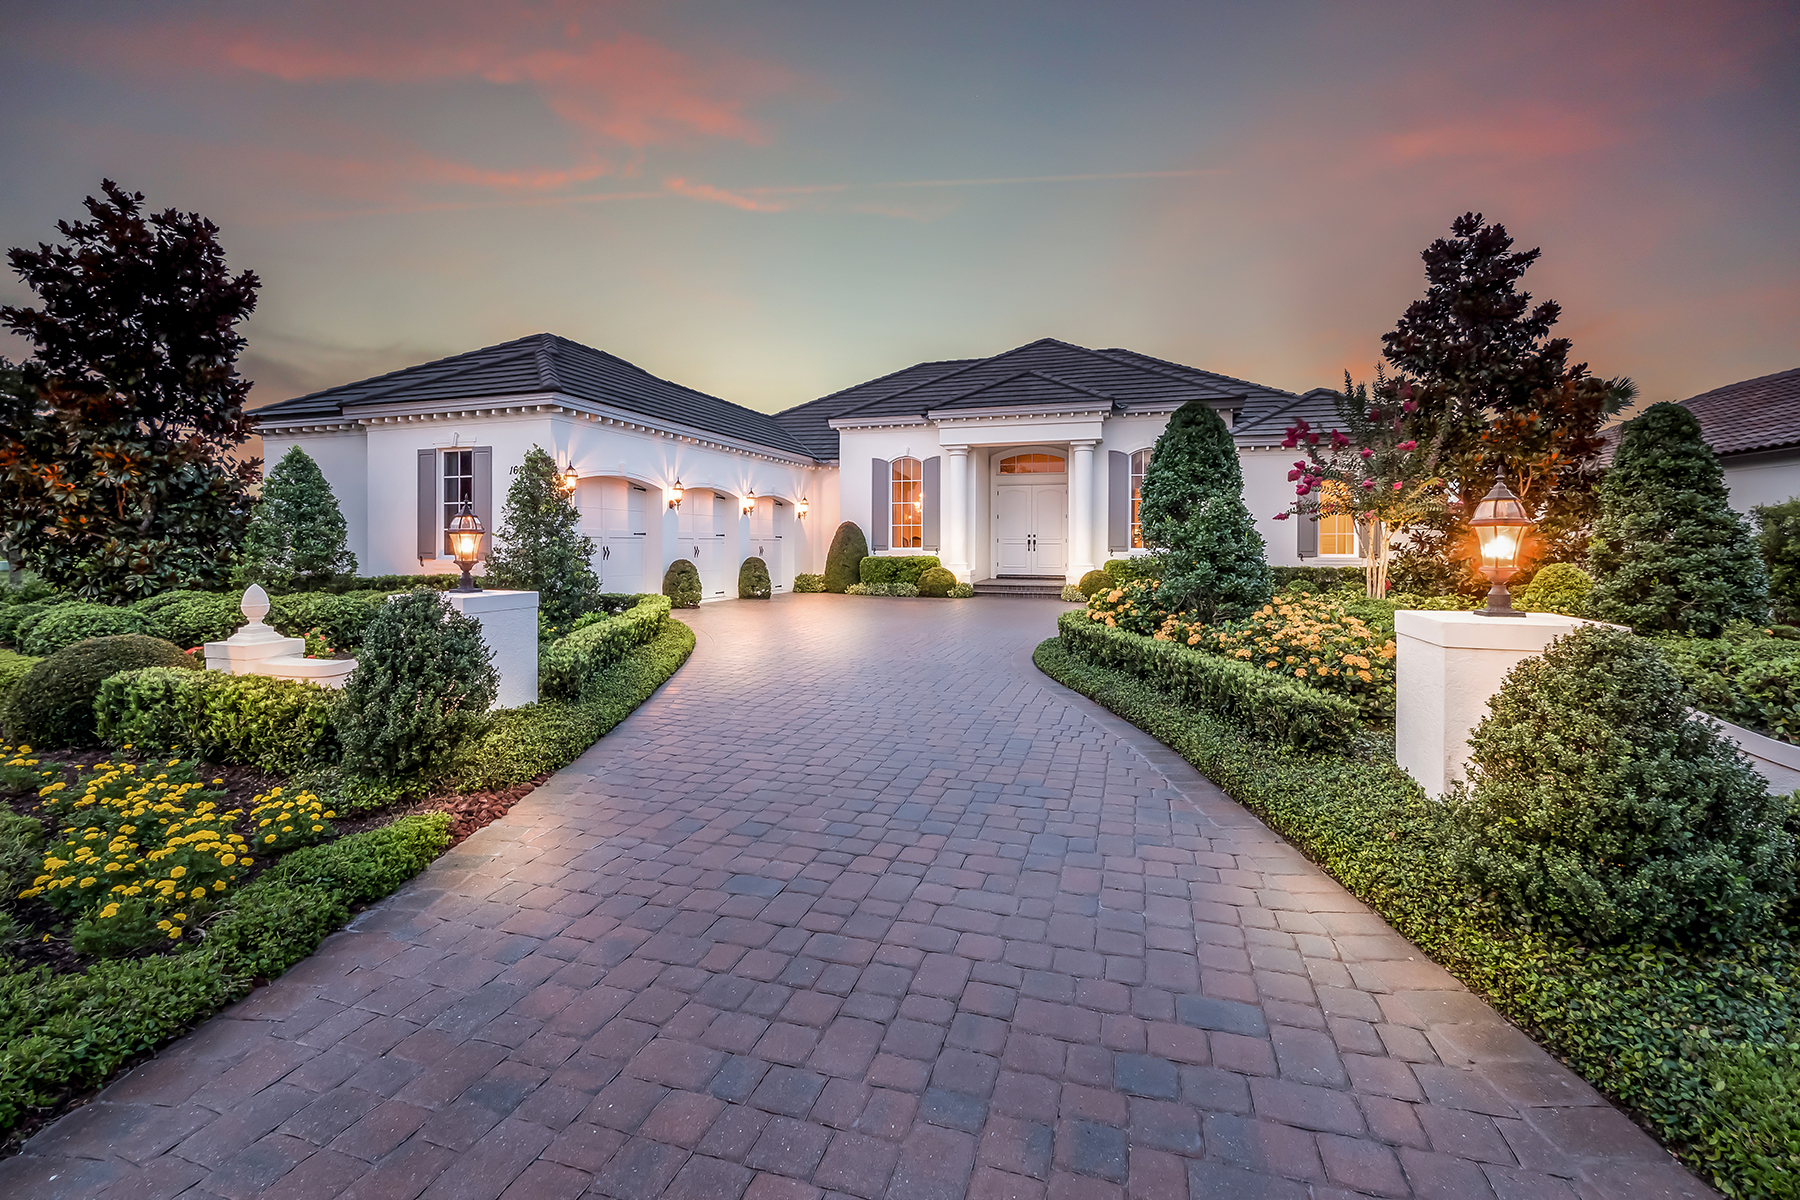 Single Family Homes für Verkauf beim THE LAKE CLUB 16204 Daysailor Trl, Lakewood Ranch, Florida 34202 Vereinigte Staaten